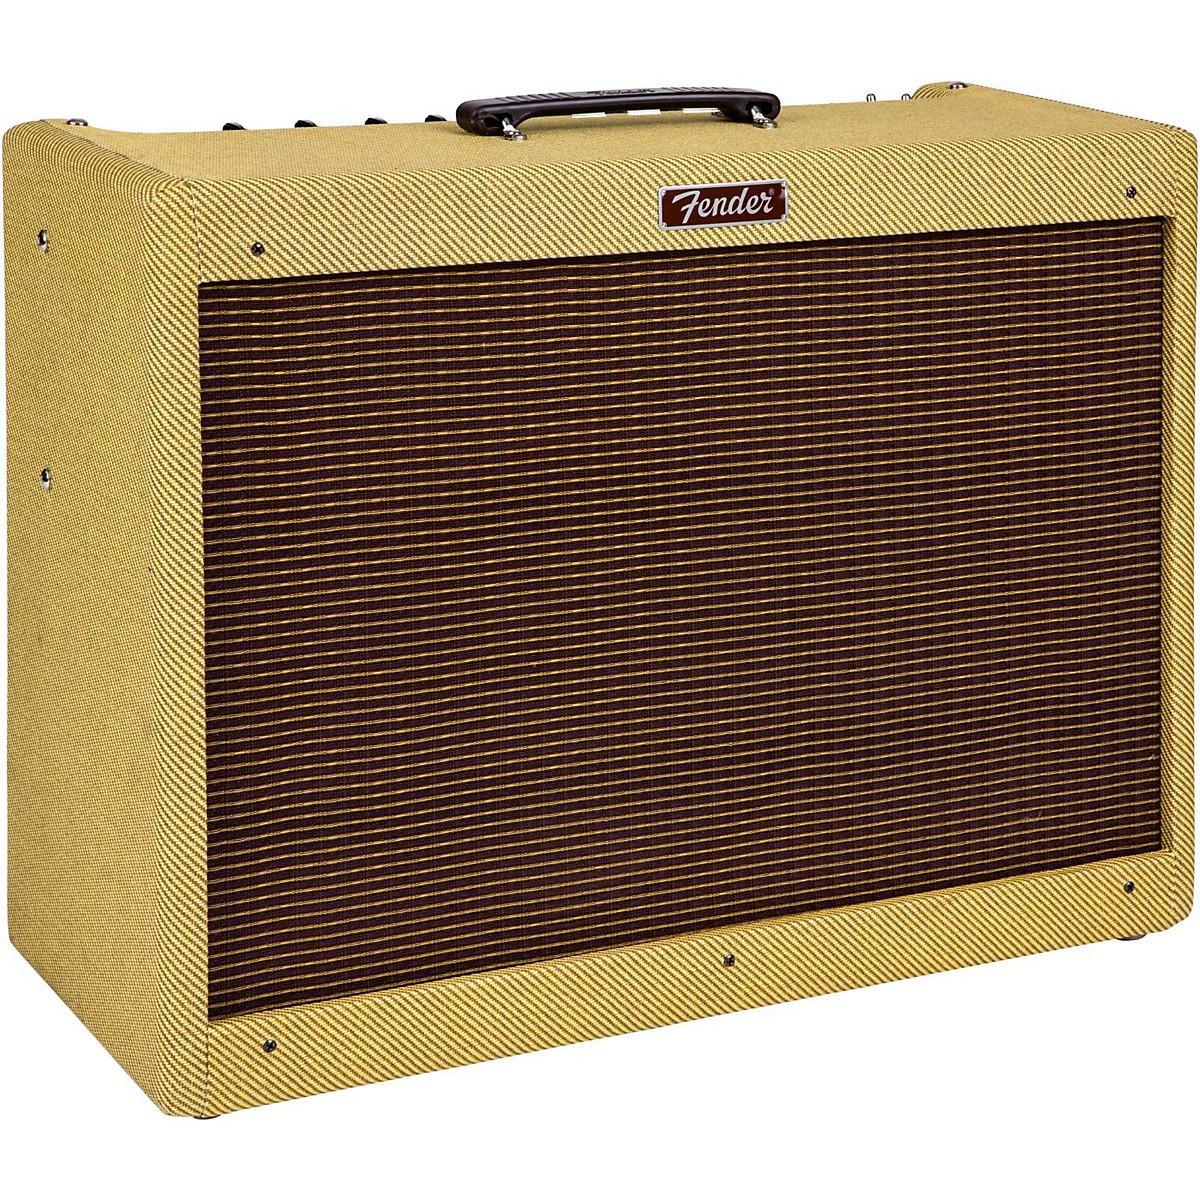 Fender Blues Deluxe Reissue 40W 1x12